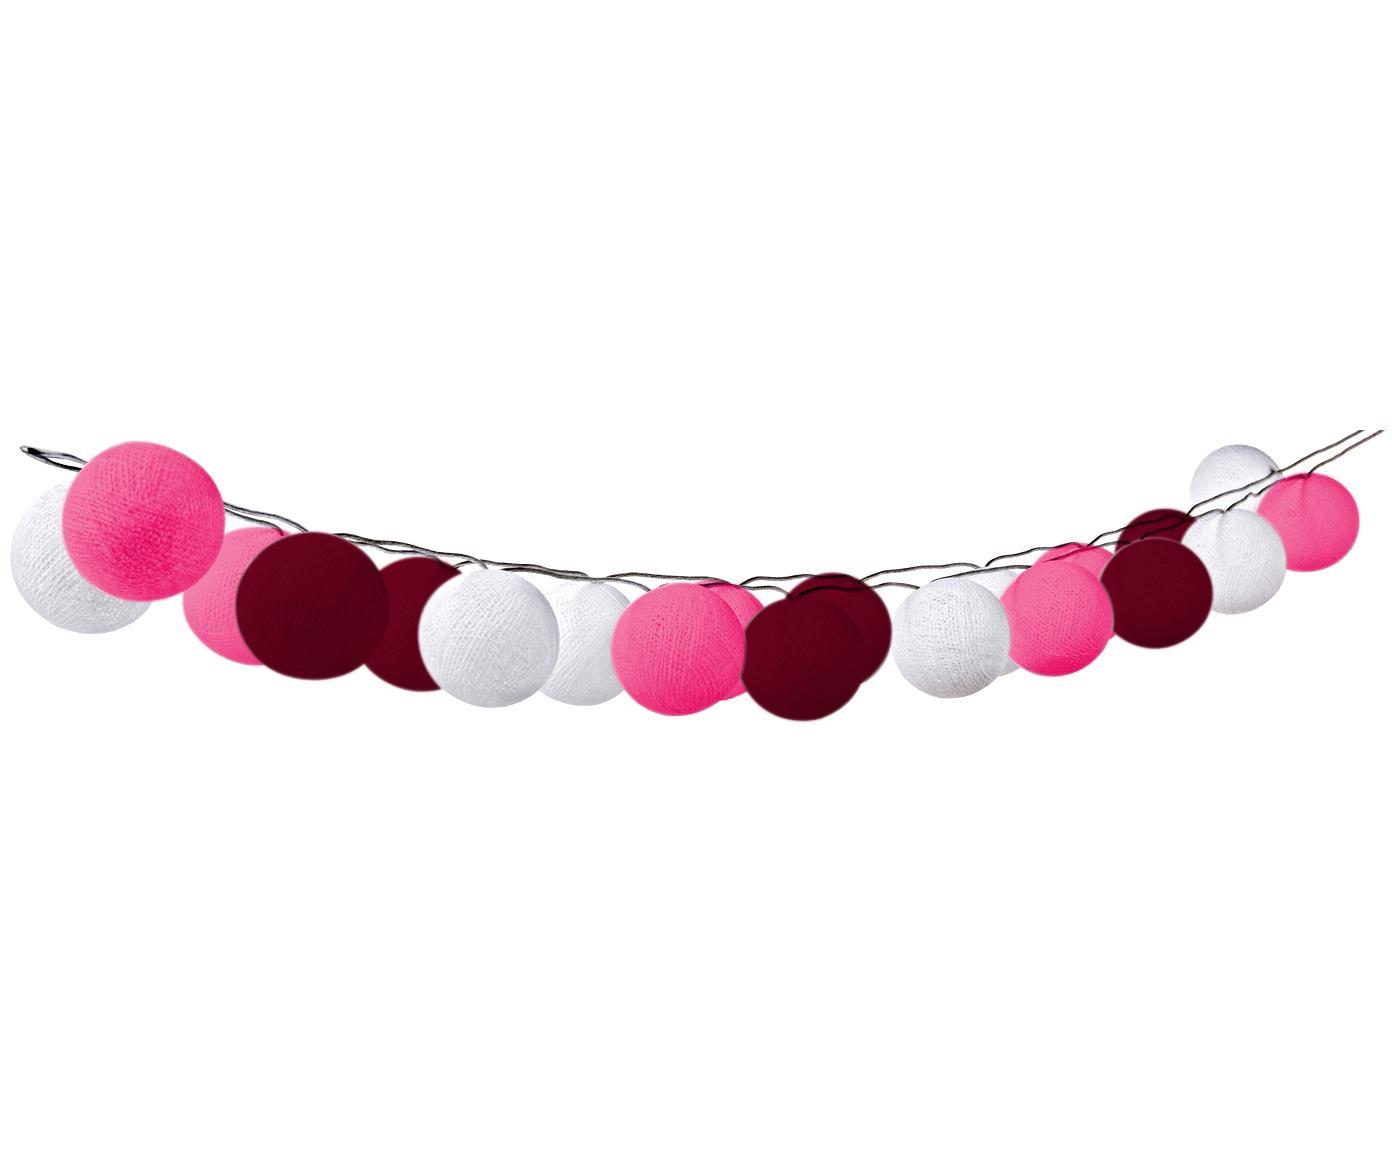 Girlanda świetlna LED Bellin, 320 cm, Różowy, ciemny czerwony, biały, D 320 cm